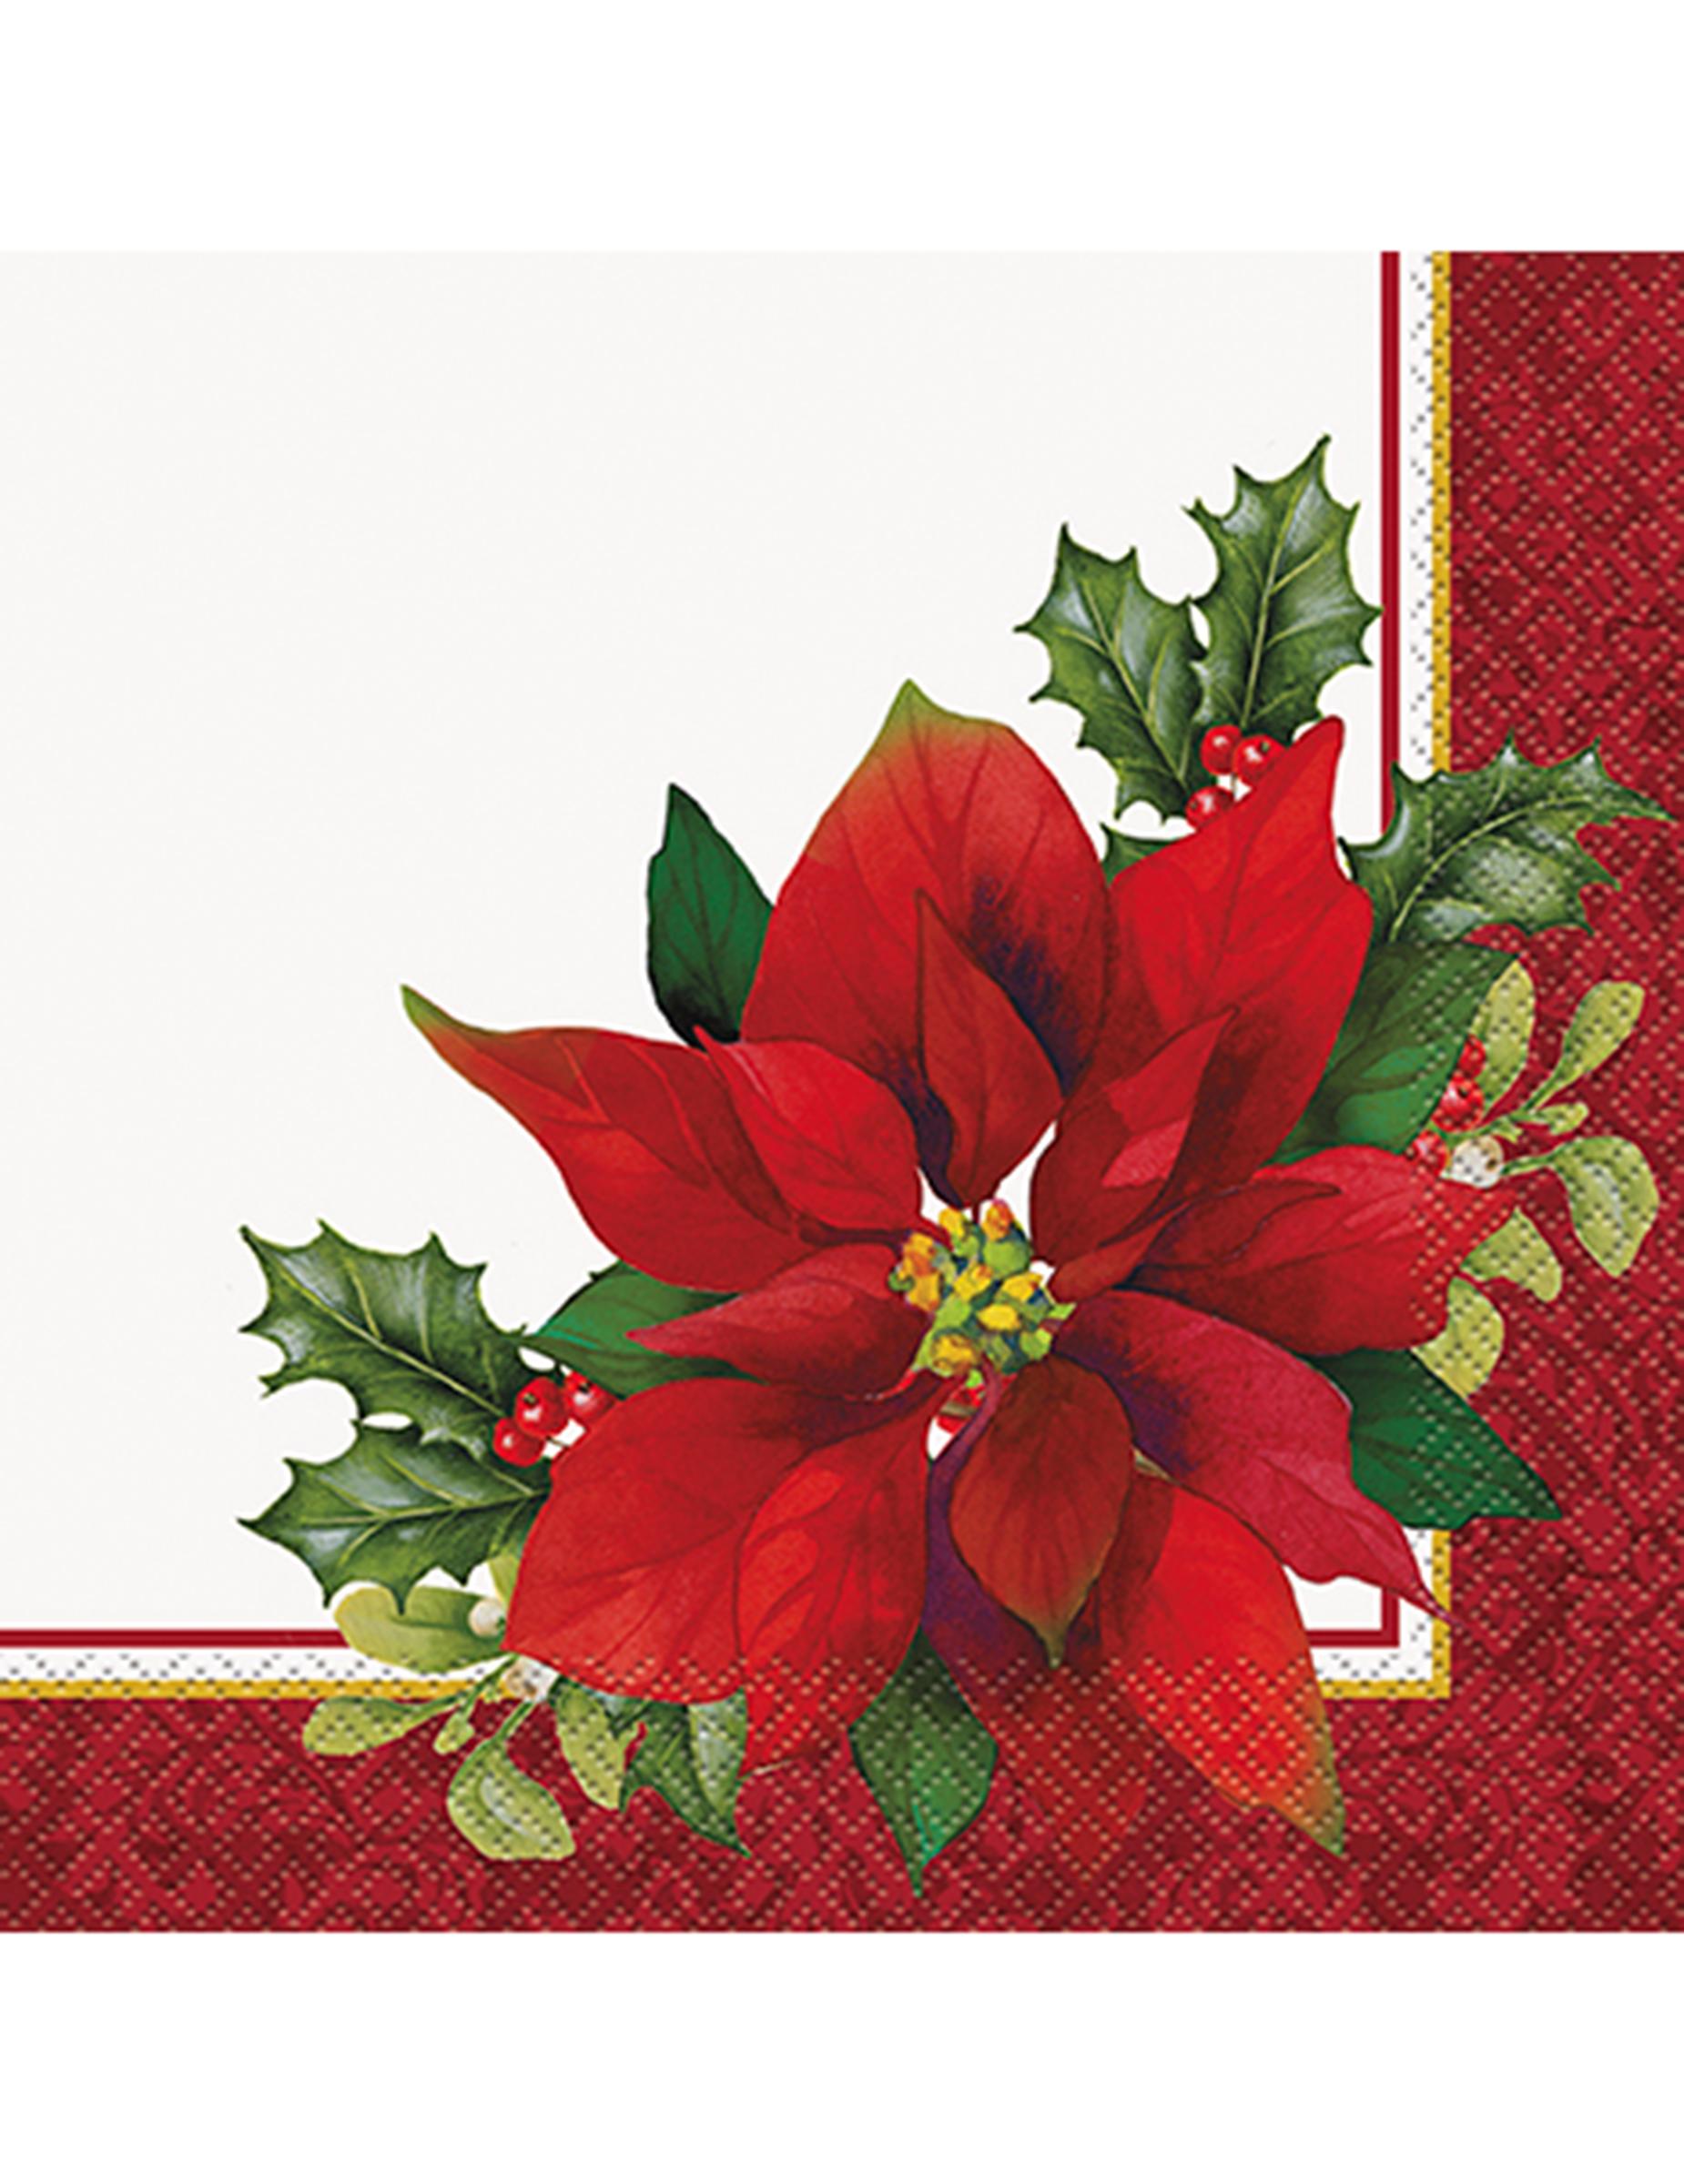 Tovaglioli Stella Di Natale.16 Tovaglioli Stella Di Natale Su Vegaooparty Negozio Di Articoli Per Feste